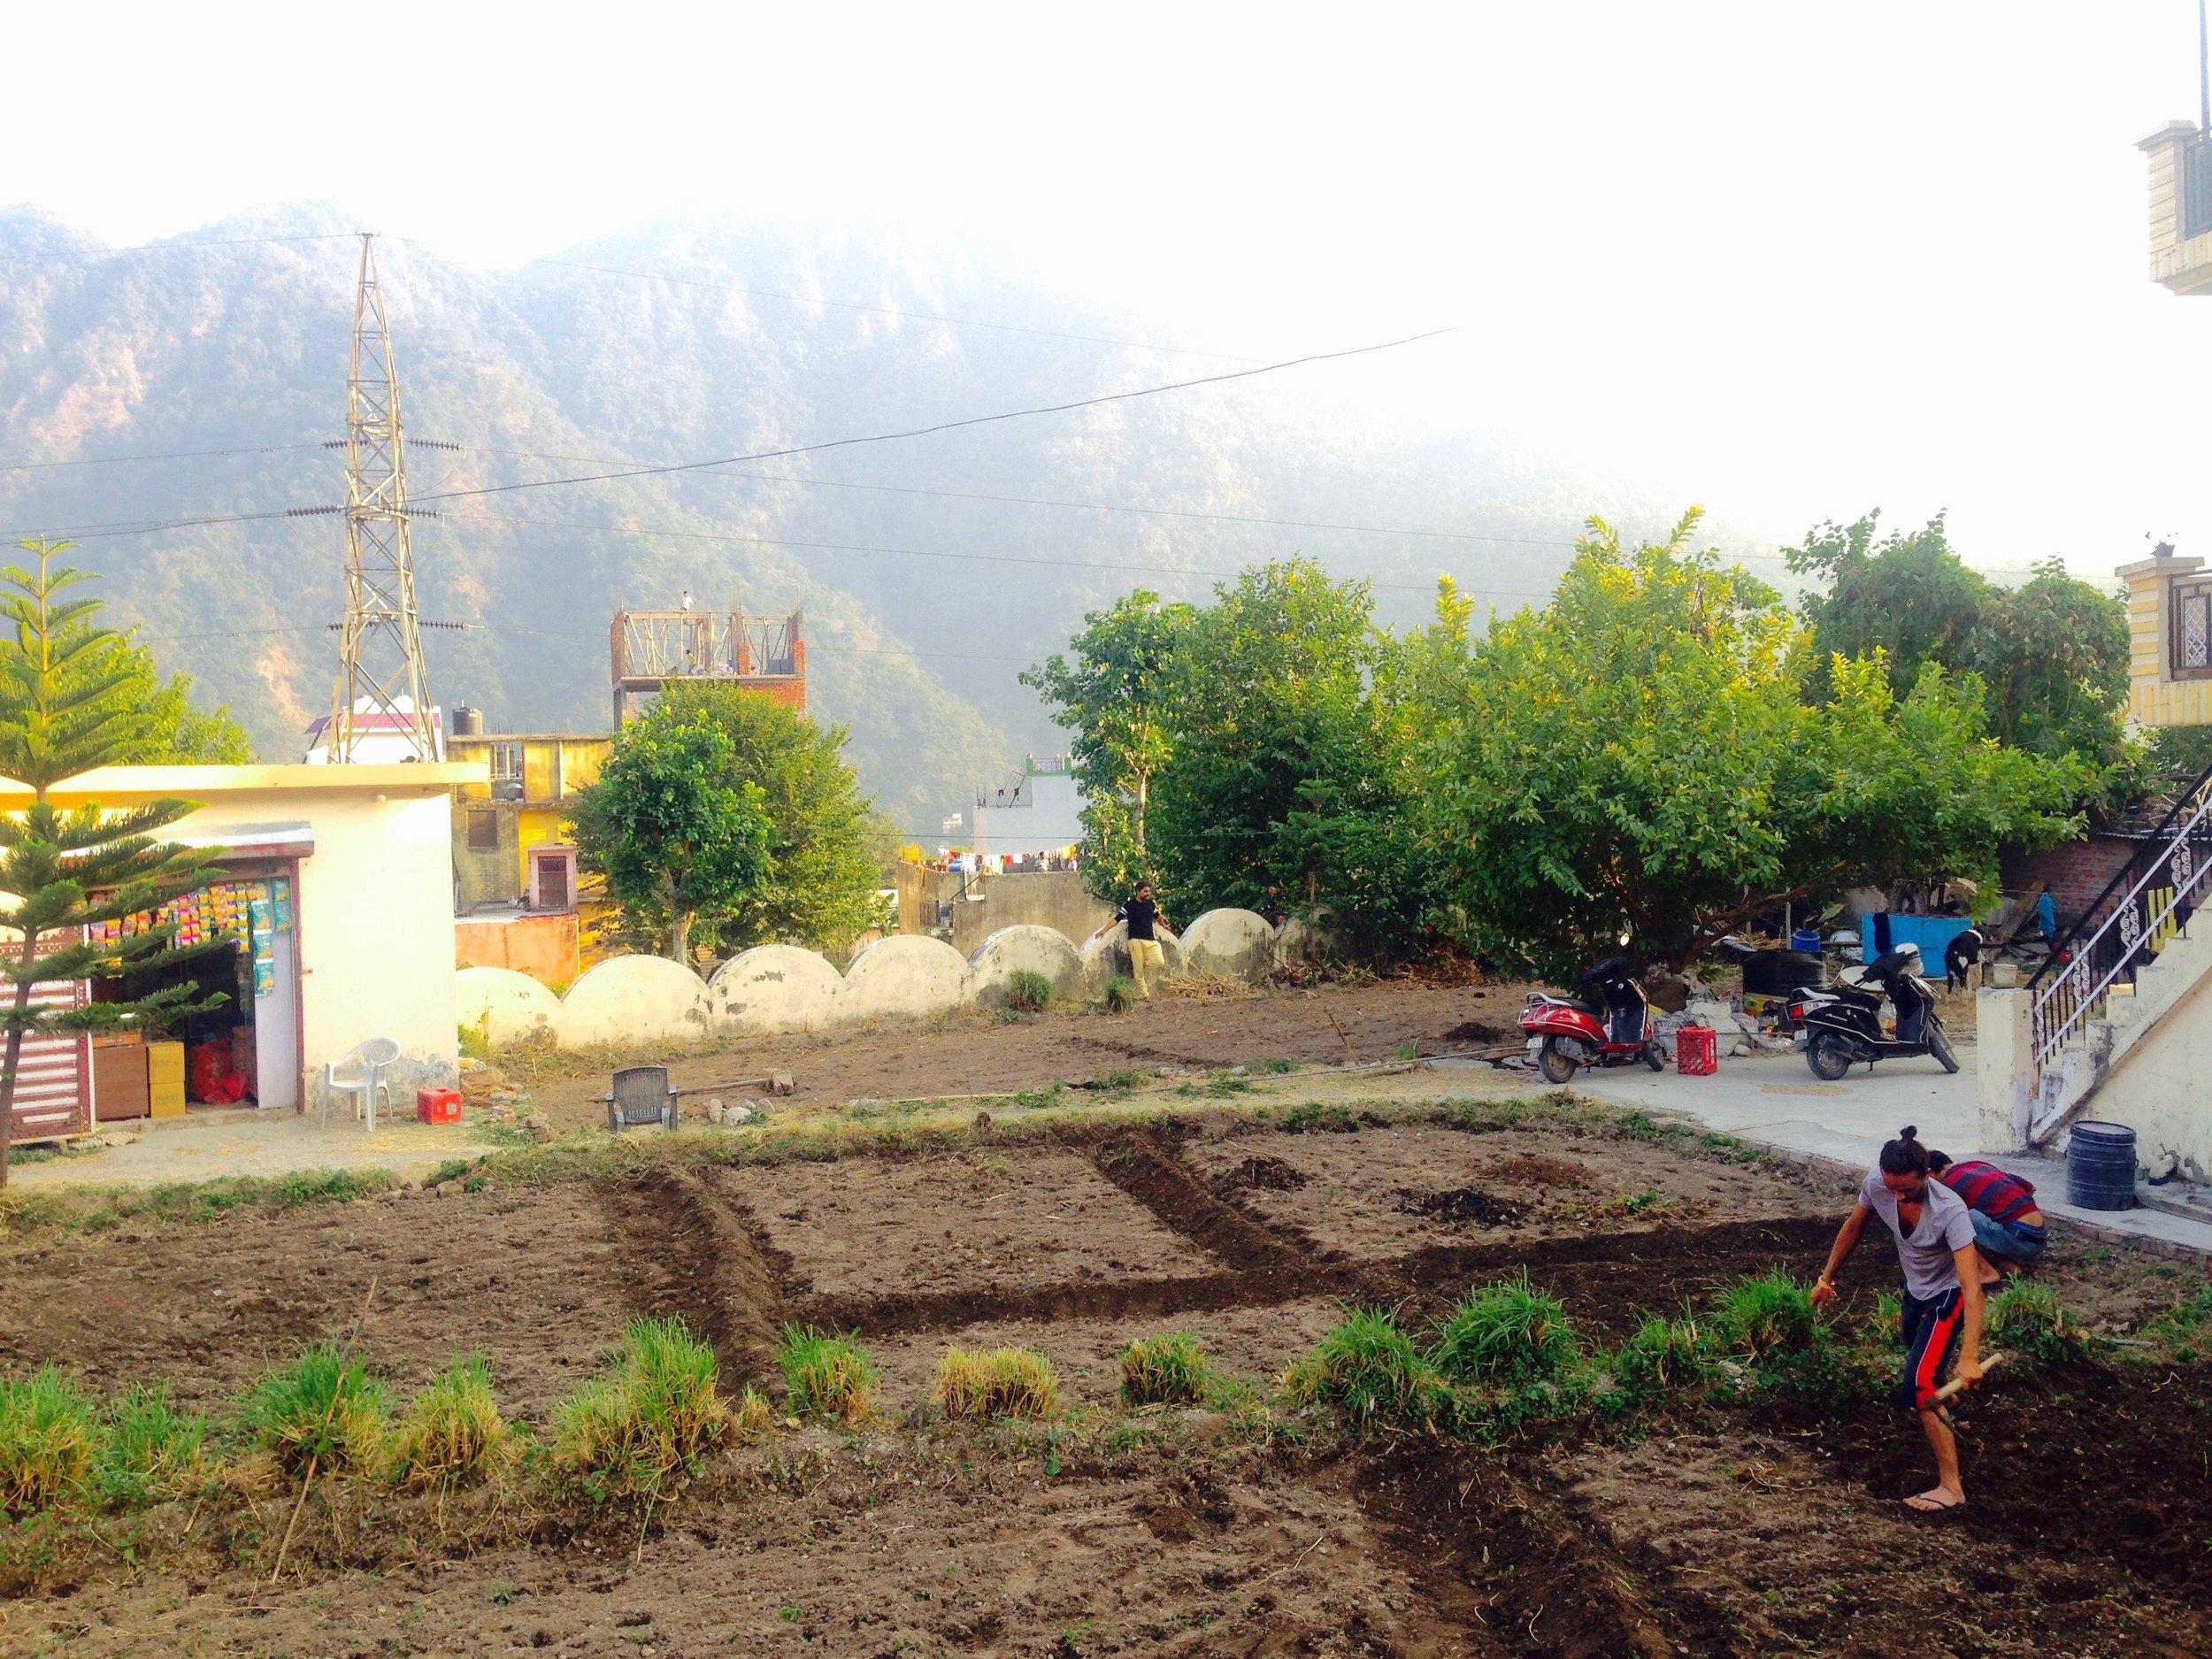 The ashram boasts a beautiful garden